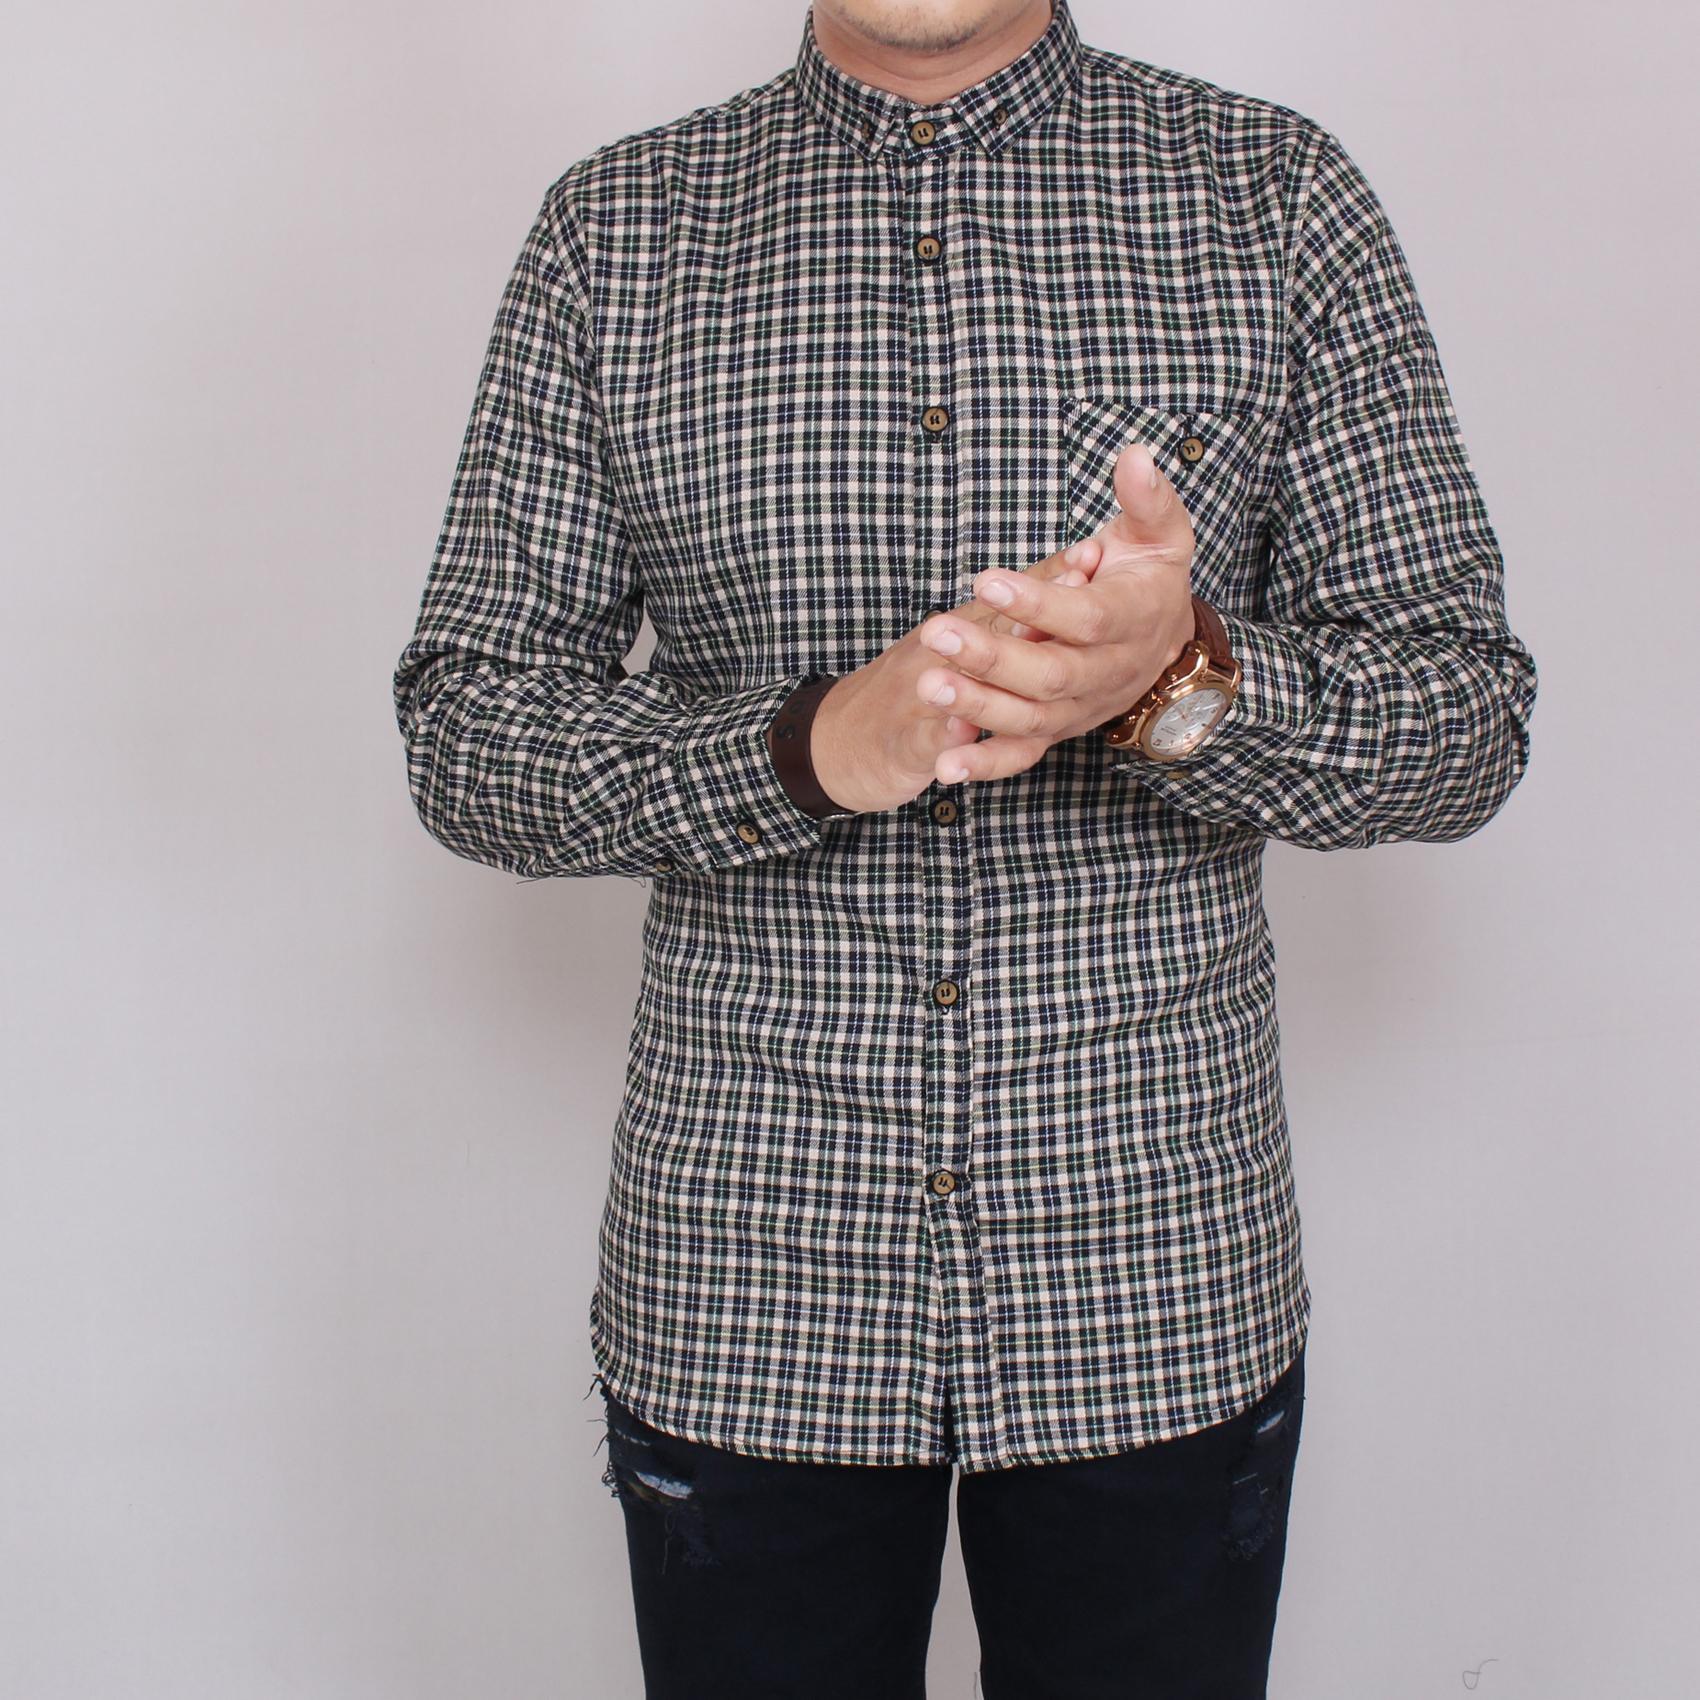 Zoeystore 5850 Kemeja Flanel Pria Lengan Pendek Exclusive Baju Kemeja Flannel Cowok Kerja Kantoran Formal Kemeja Distro Putih Kotak Hijau